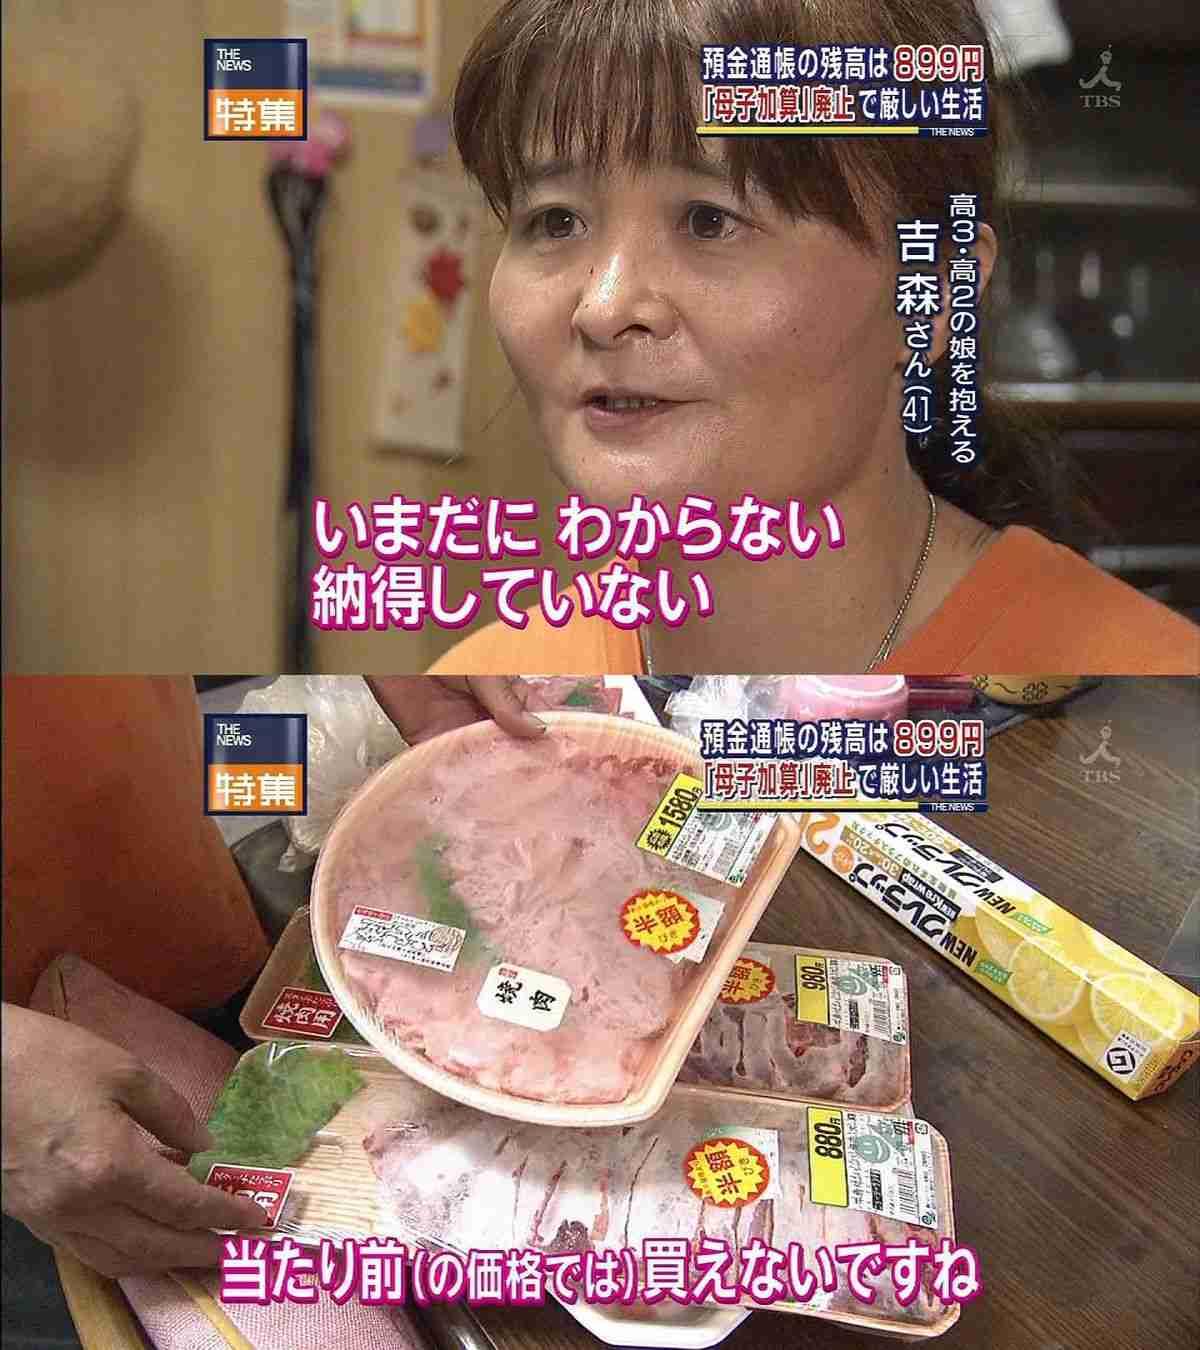 月額24万円で約3.5人が生活…苦しい「シングルマザーの現状」とは